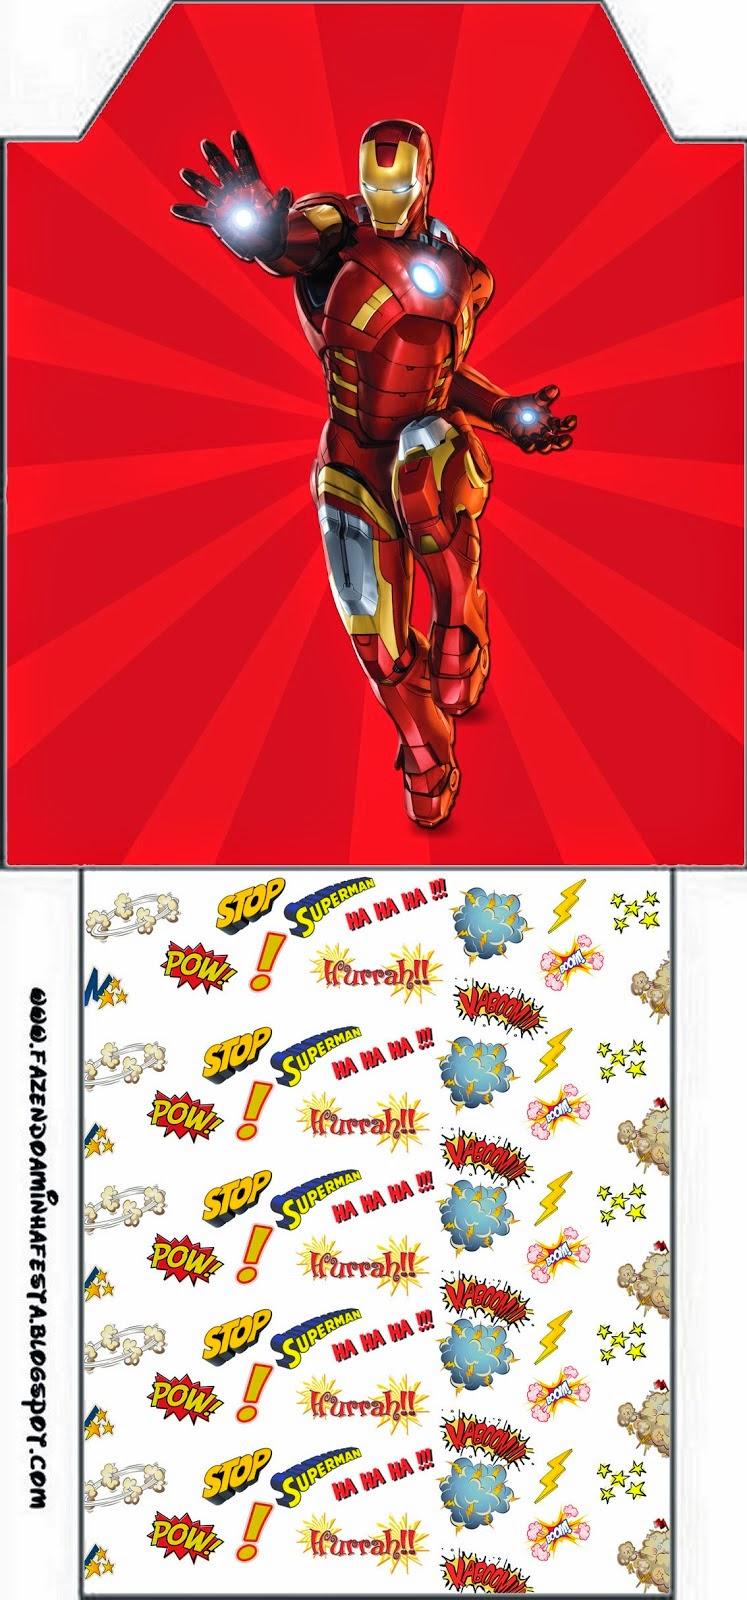 Bolsita de Té para imprimir gratis de Iron Man.